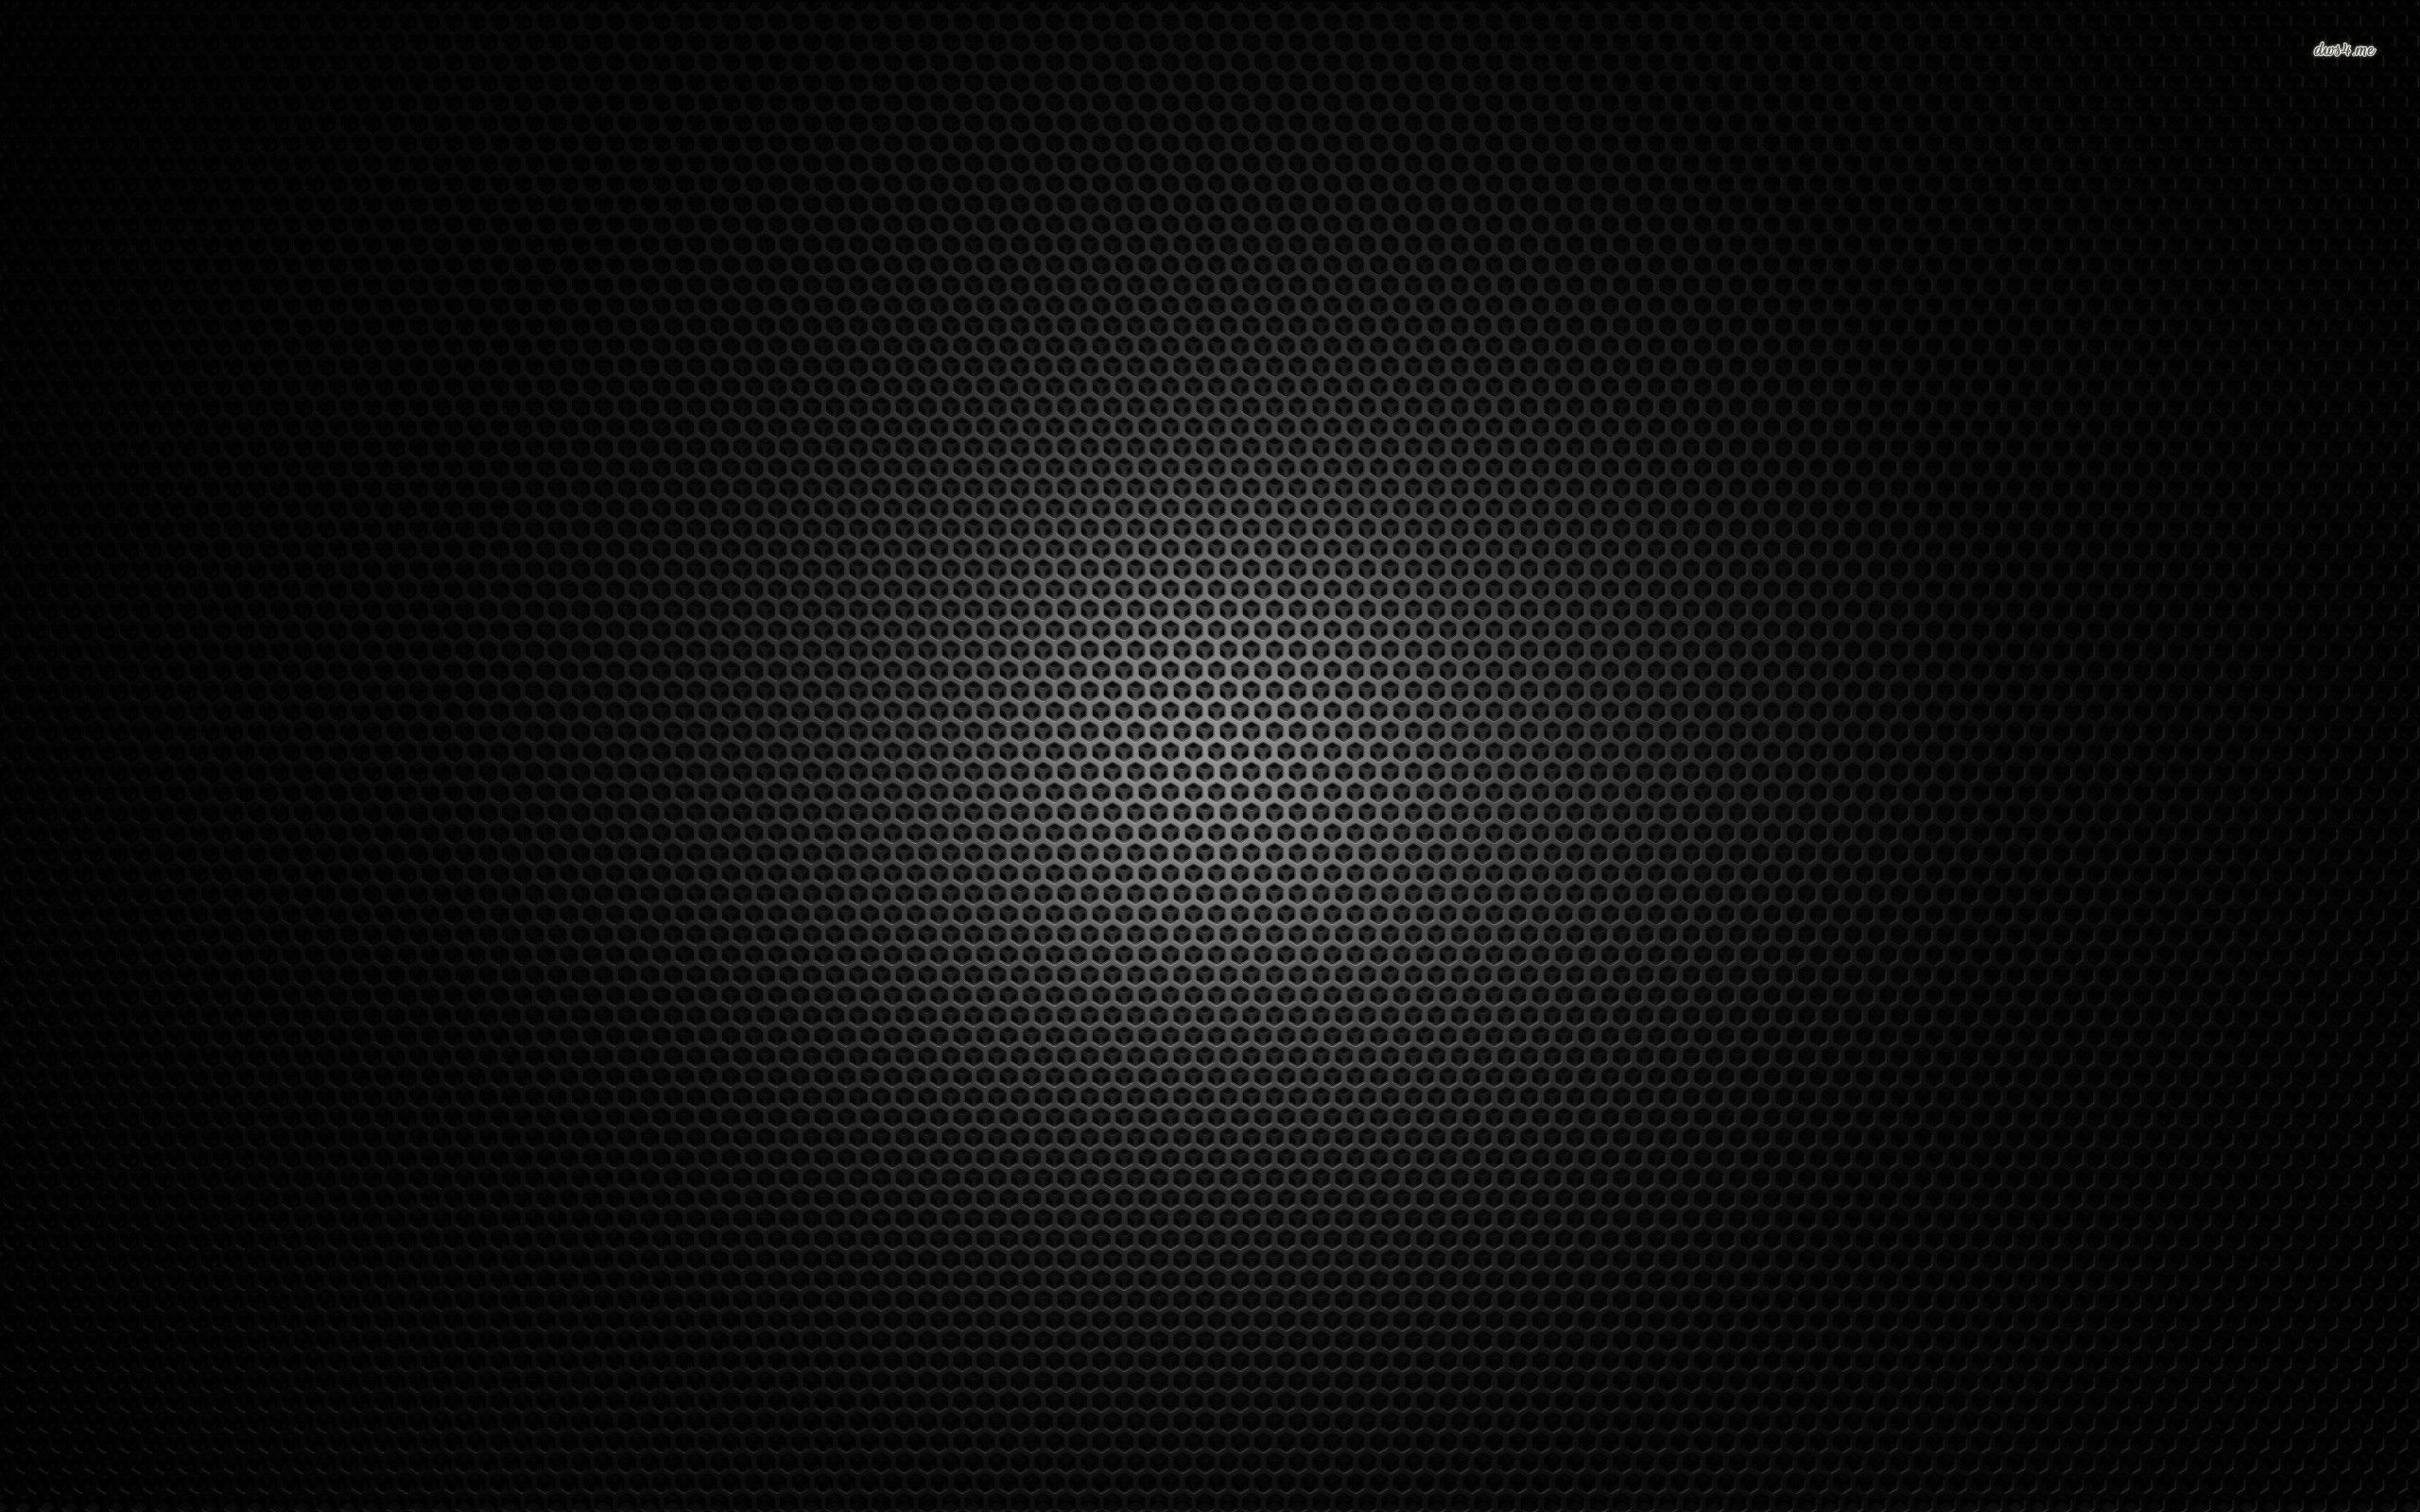 Carbon Fibre Wallpapers - Wallpaper Cave